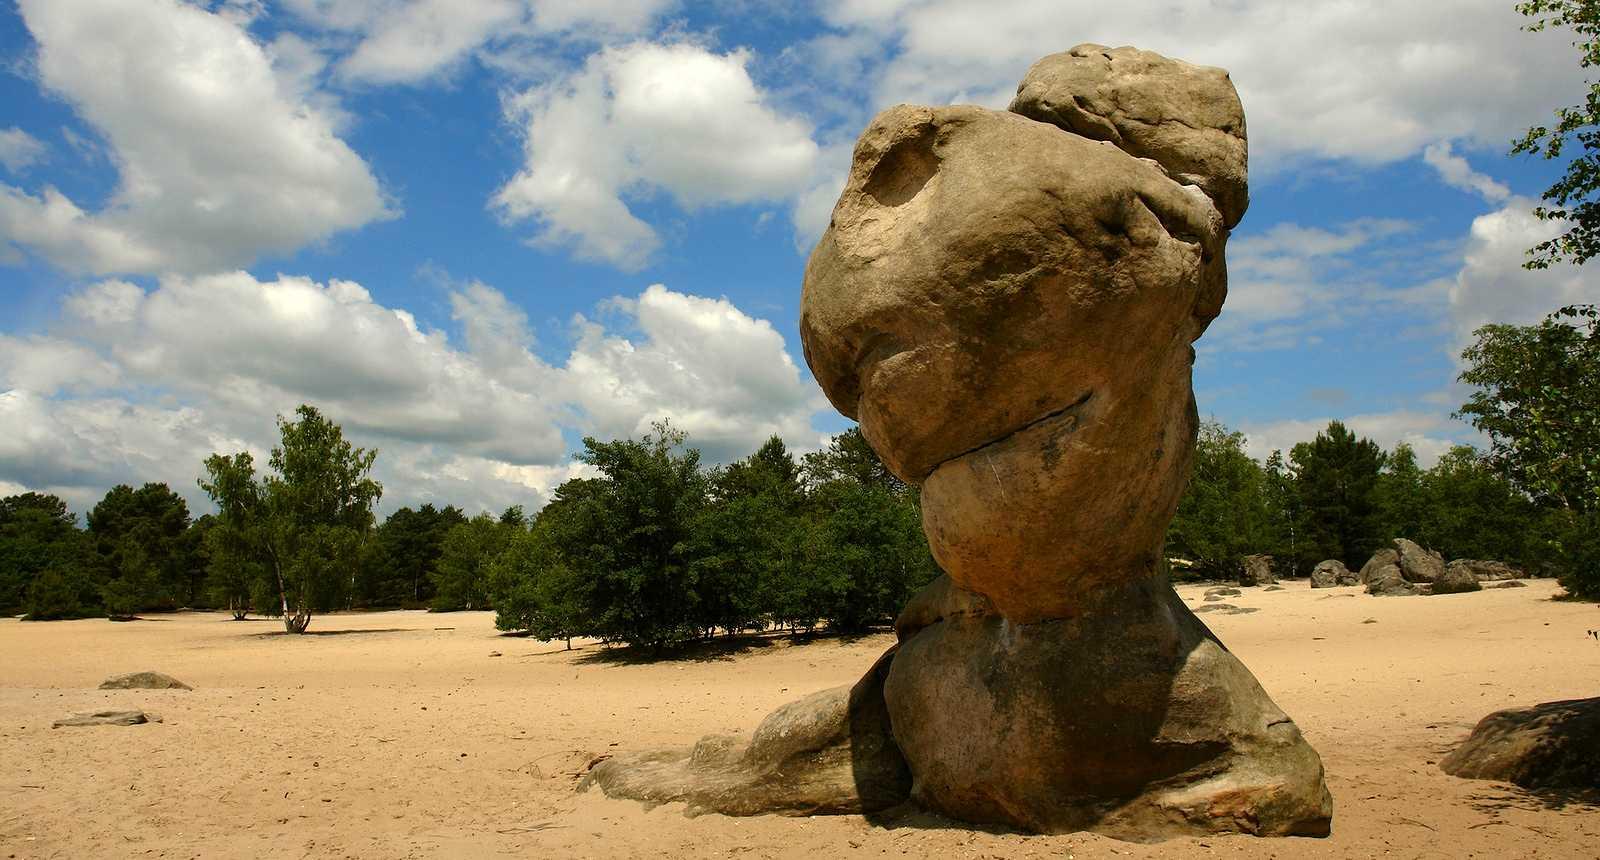 Le Bilboquet du Diable dans la Forêt de Fontainebleau